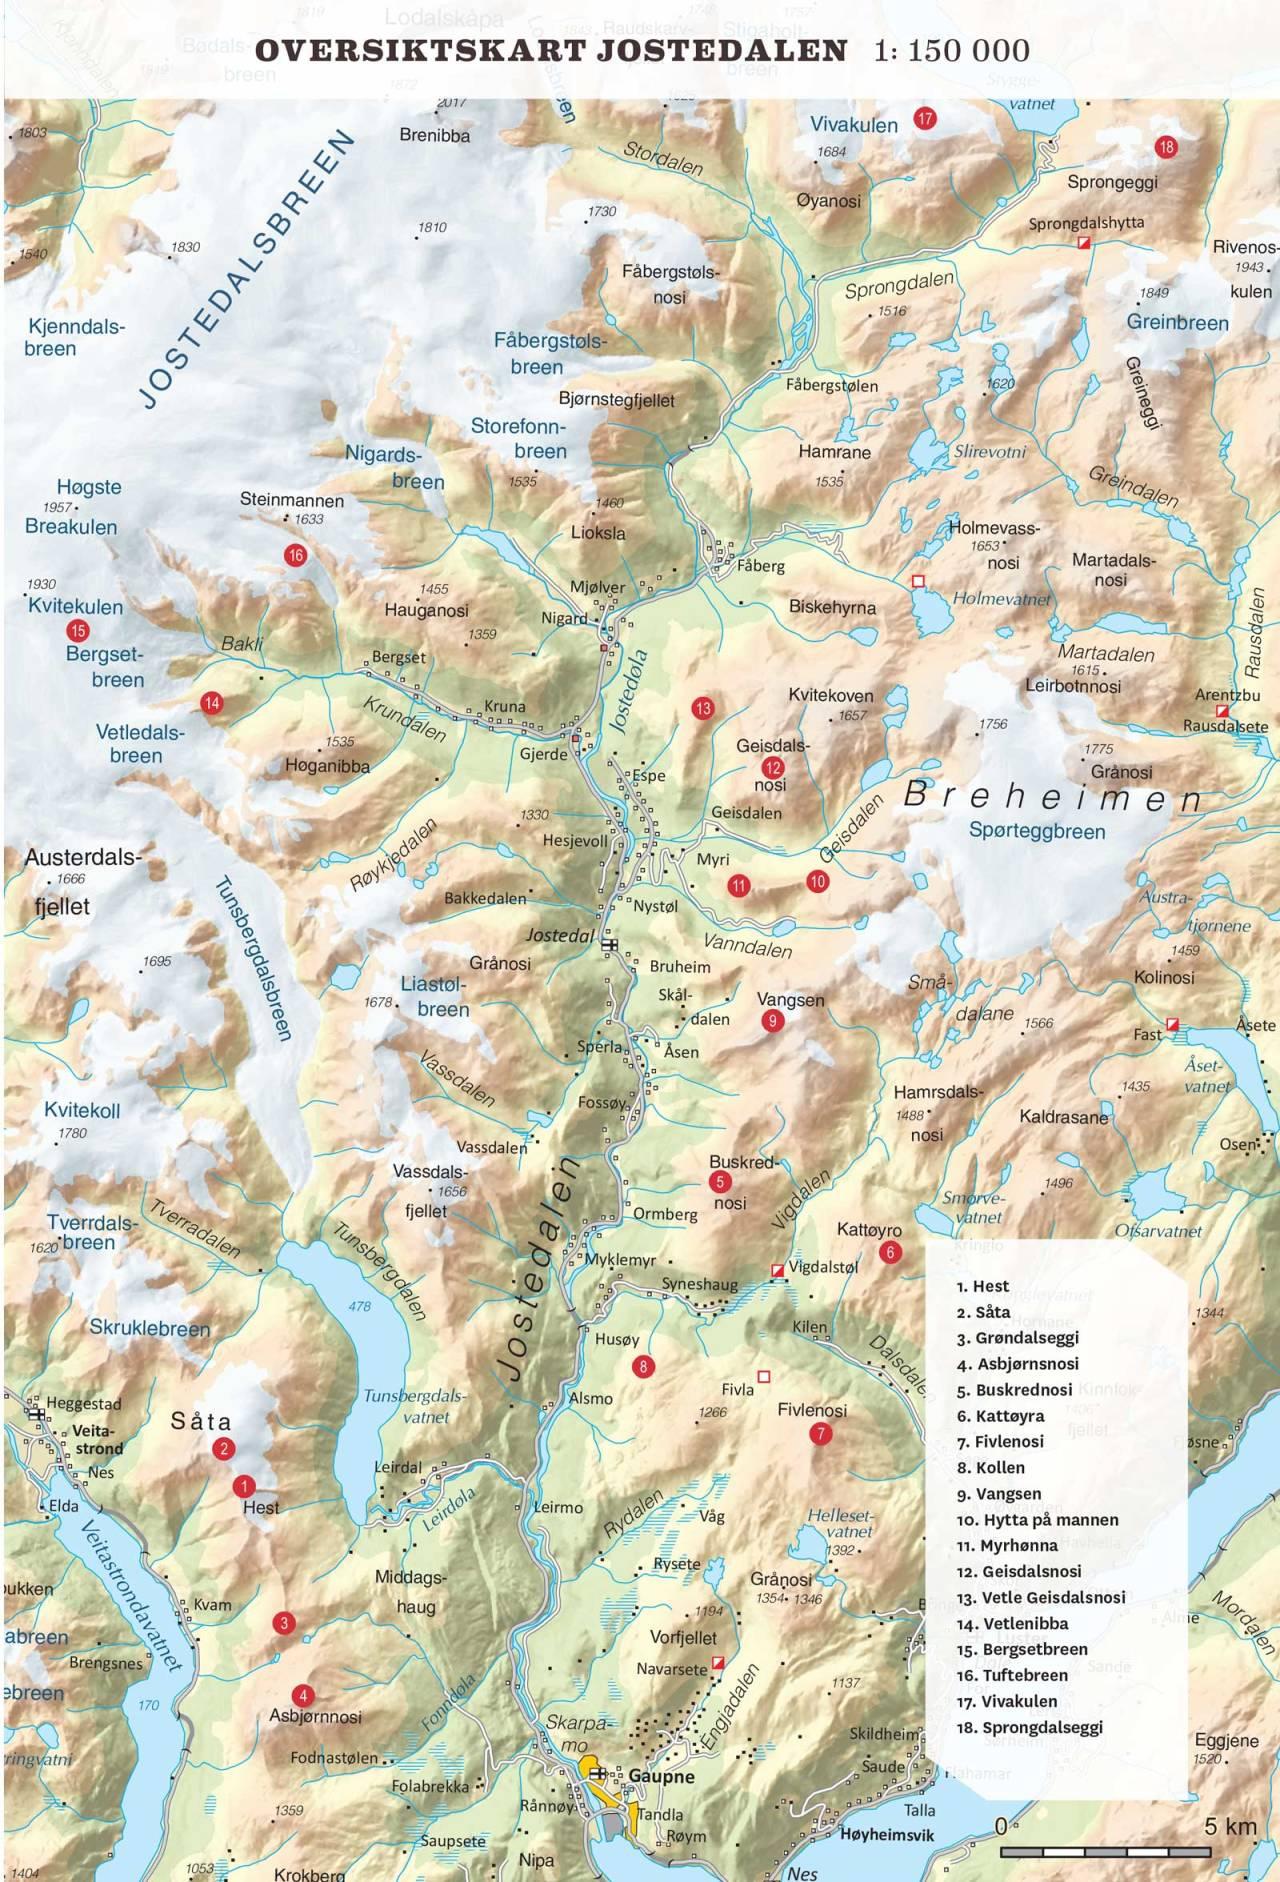 Oversiktskart over Jostedalen. Toppturar i Sogn.